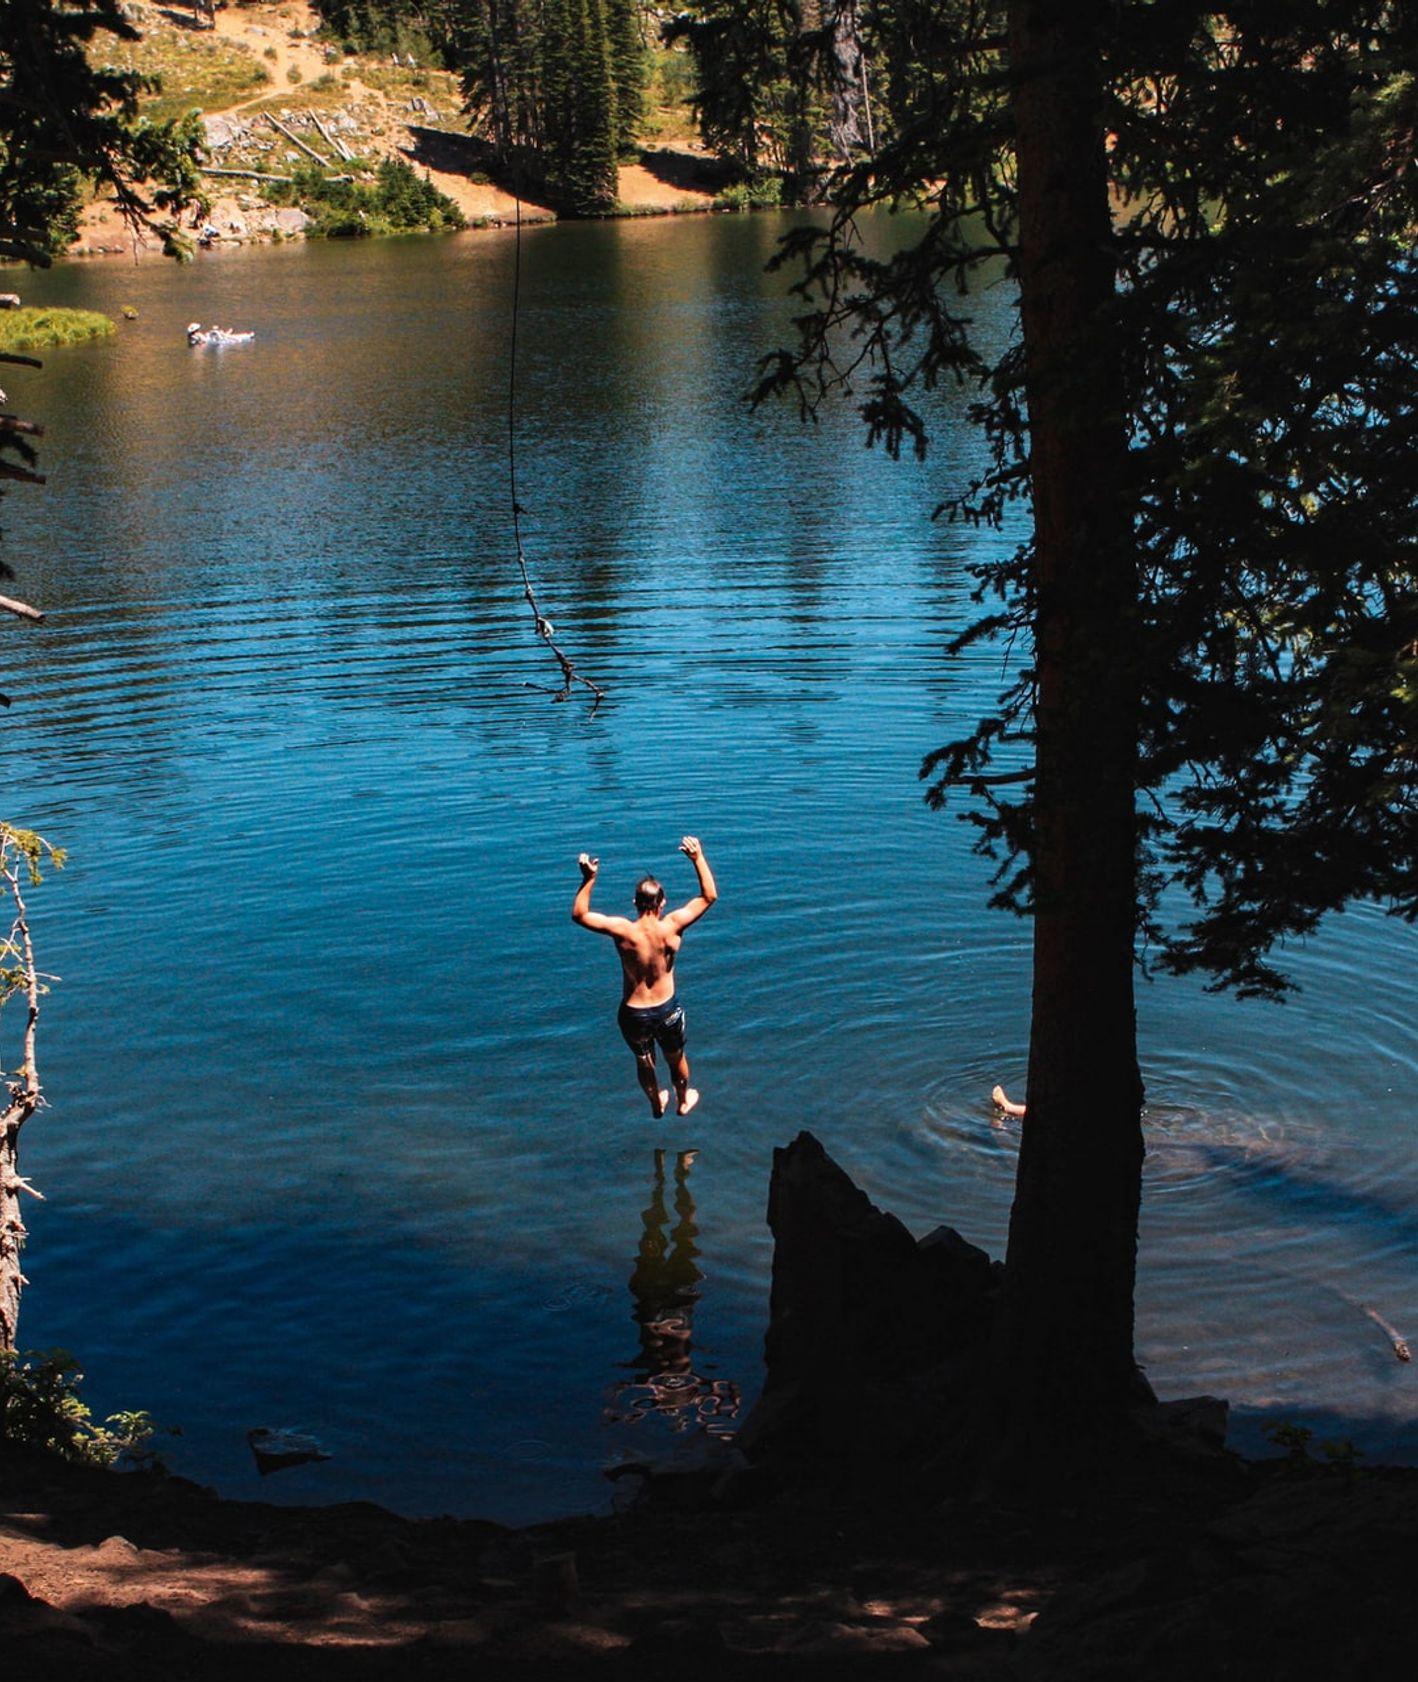 Skok do wody, wakacje nad wodą, co robić podczas lata (fot. Olivia Hutcherson / unsplash.com)